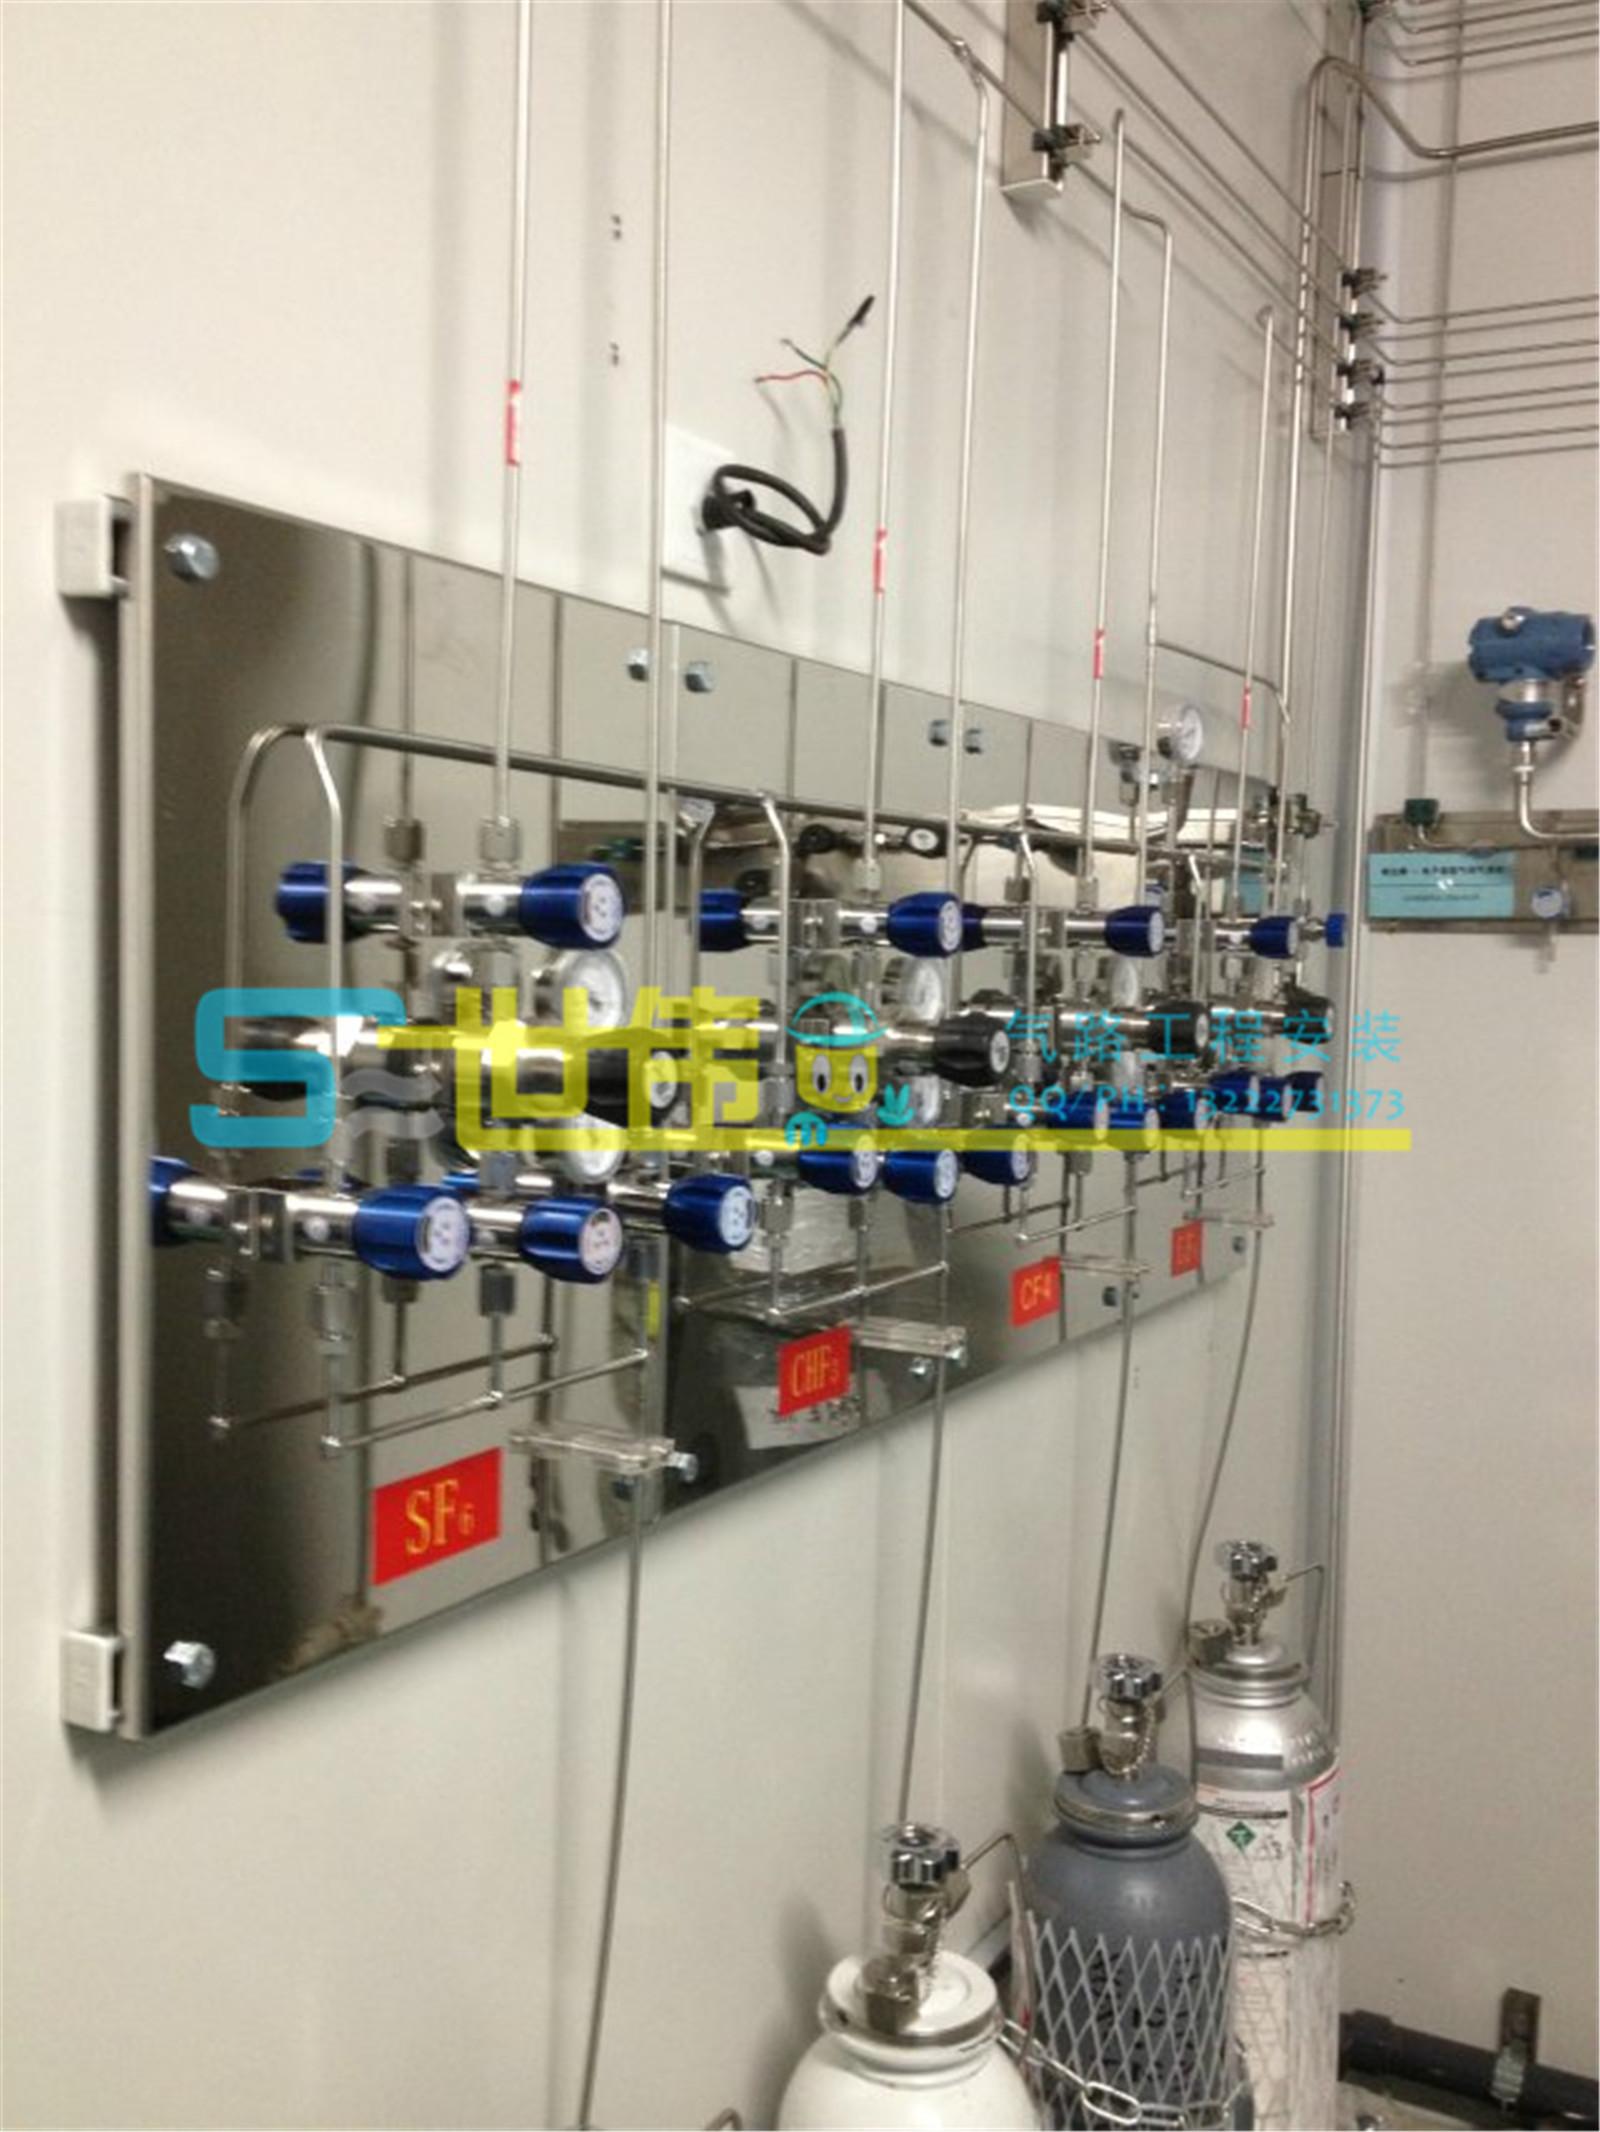 辽宁省气体工程安装----FSW专业气路工程安装公司